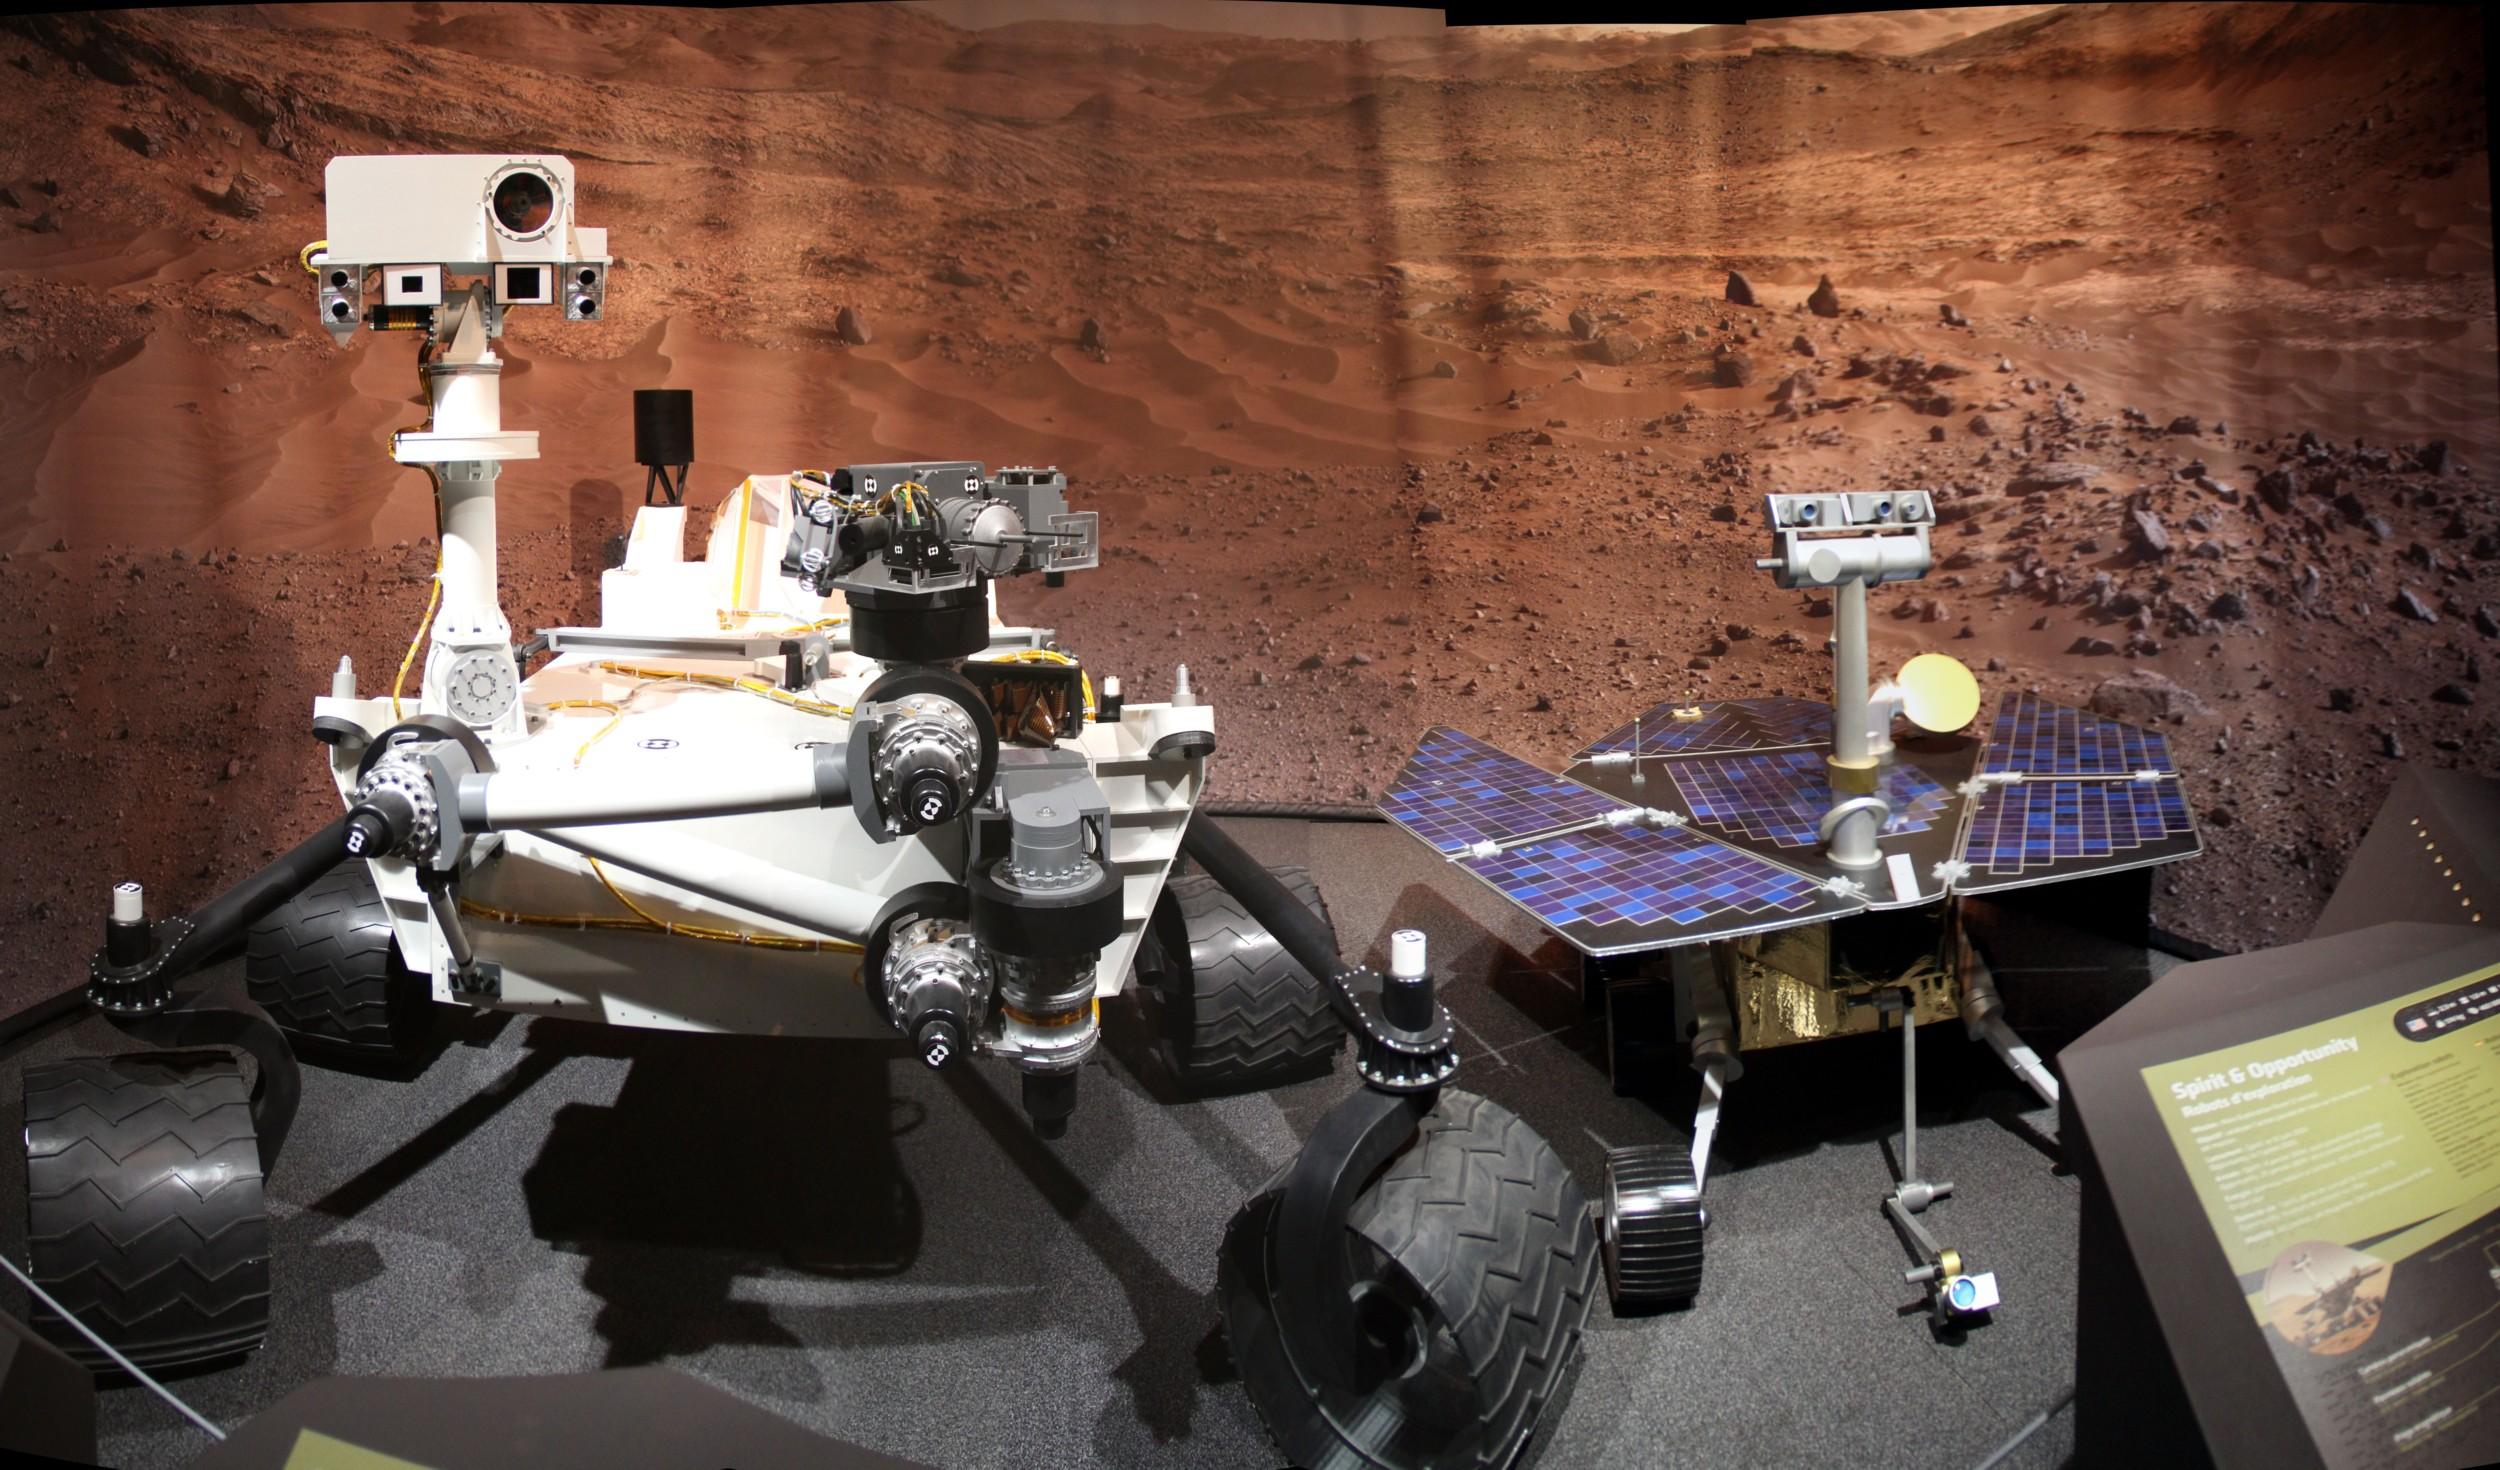 16 02 18 - 15h 52m 51s - Explorez Mars Palais de la Découverte_stitch r